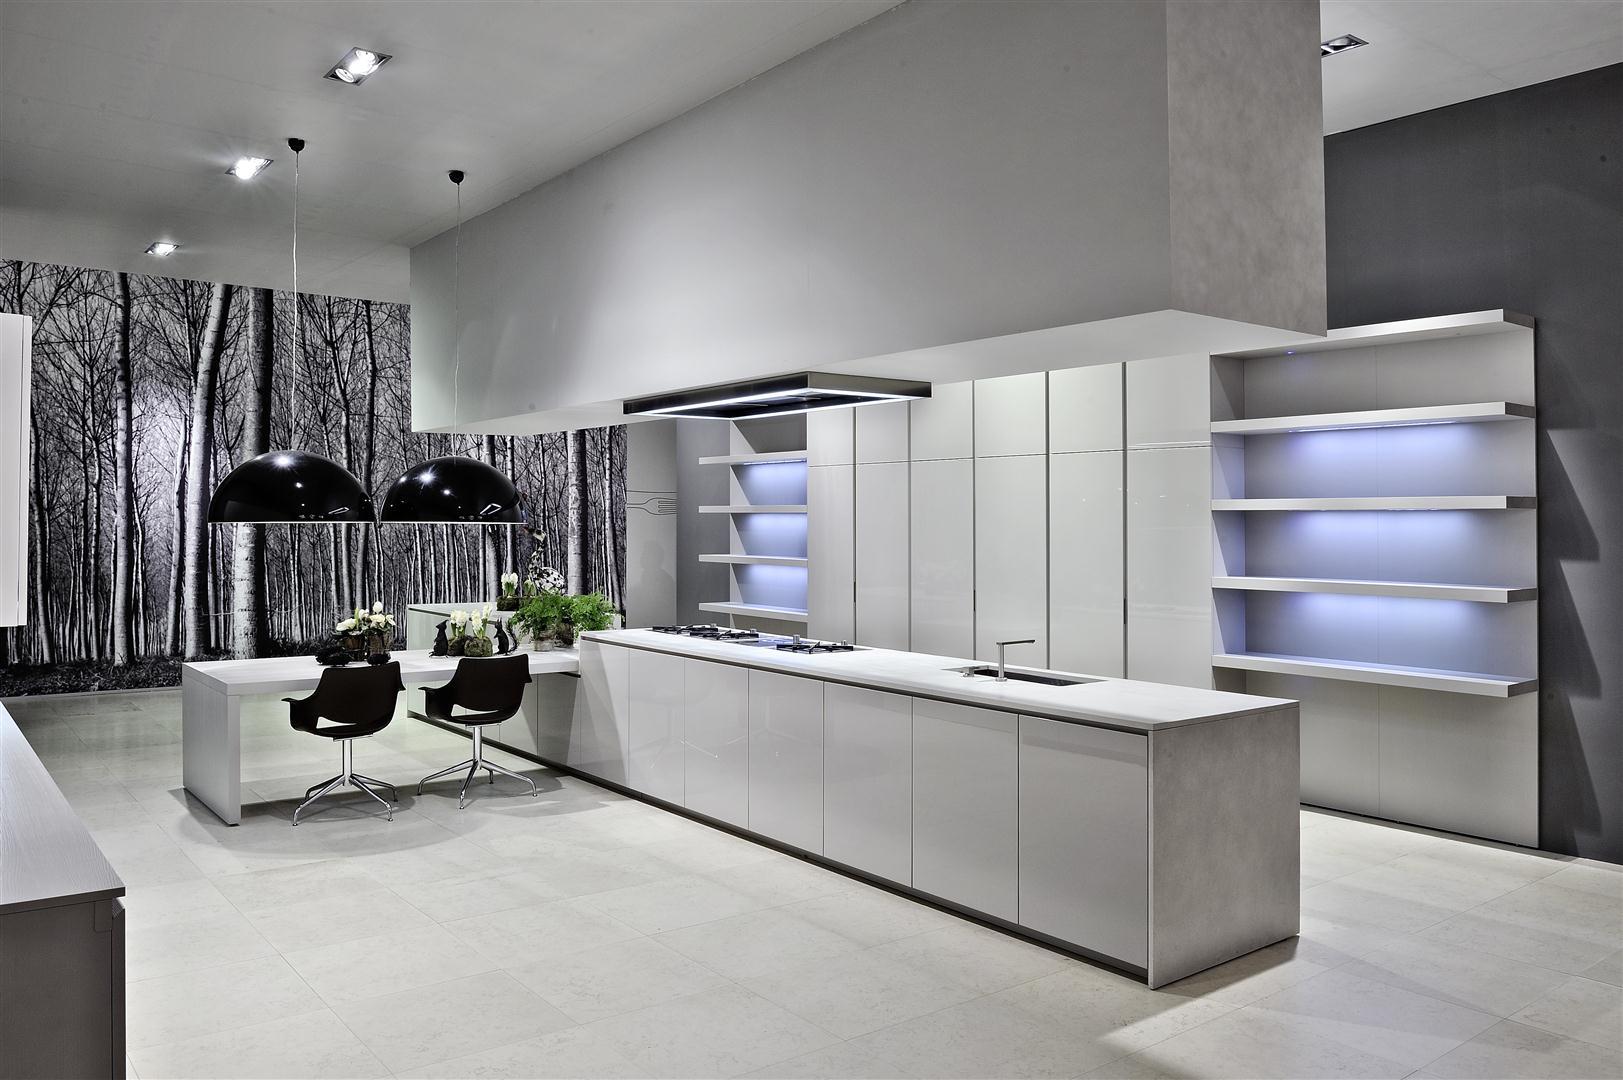 SM Quartz kitchen